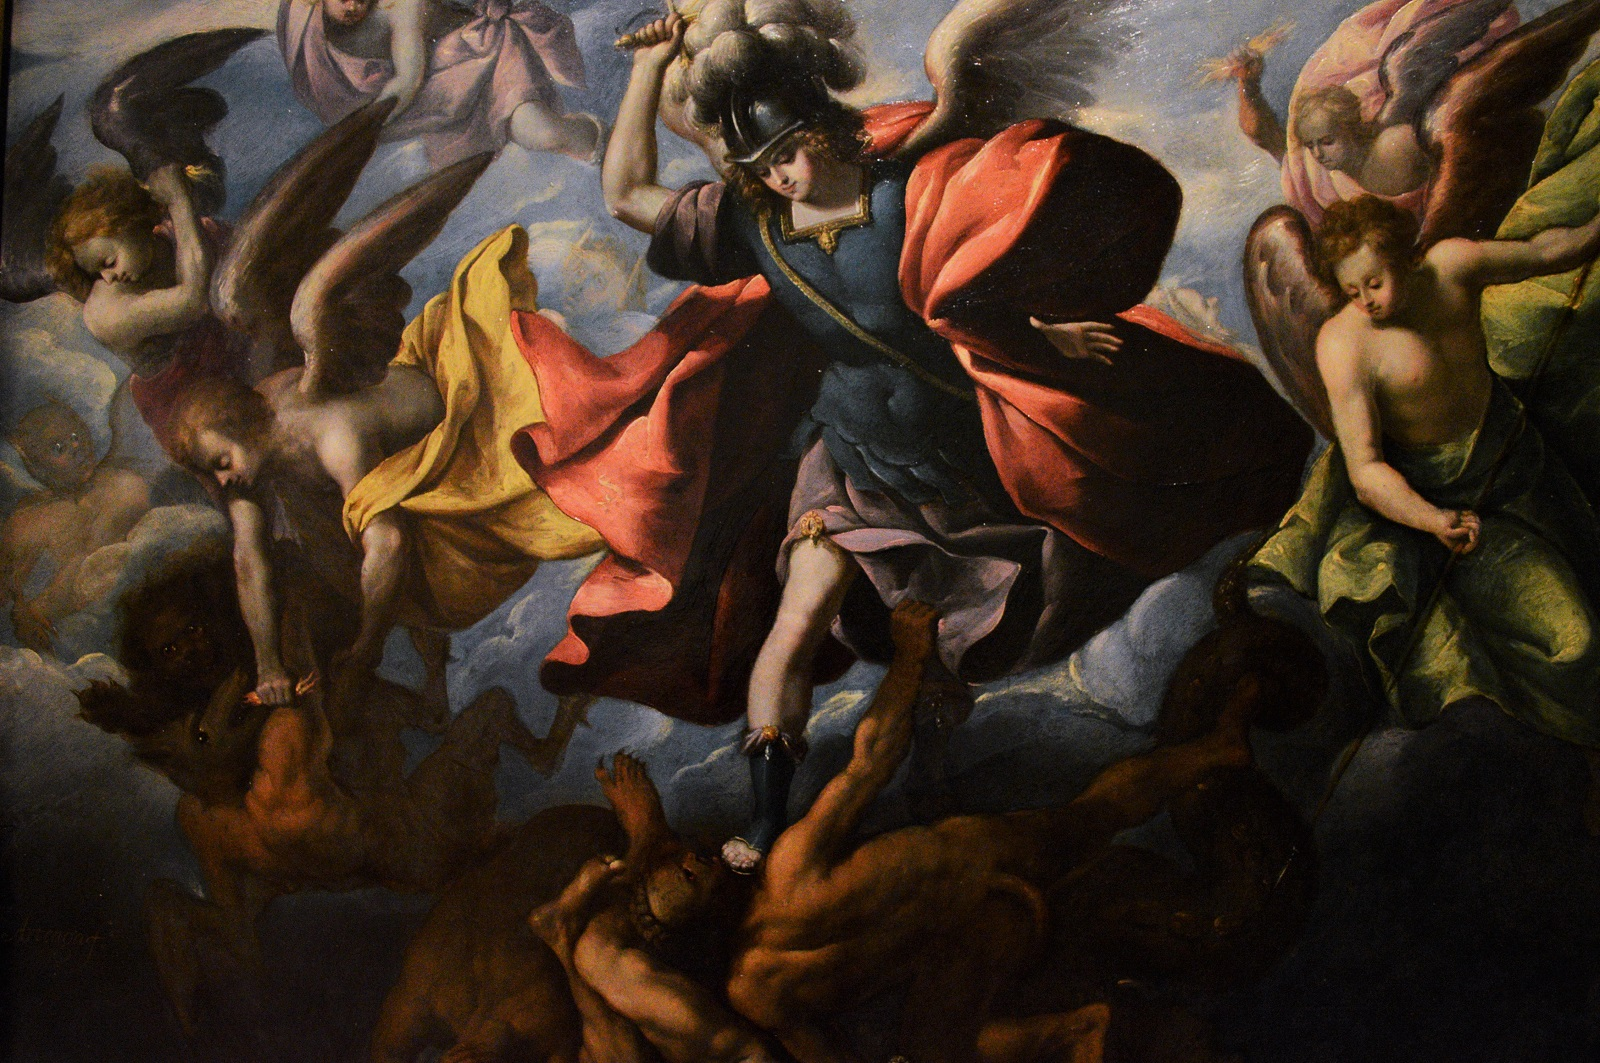 La caída de los ángeles rebeldes- Sebastían López de Arteaga Foto Ireli Vázquez